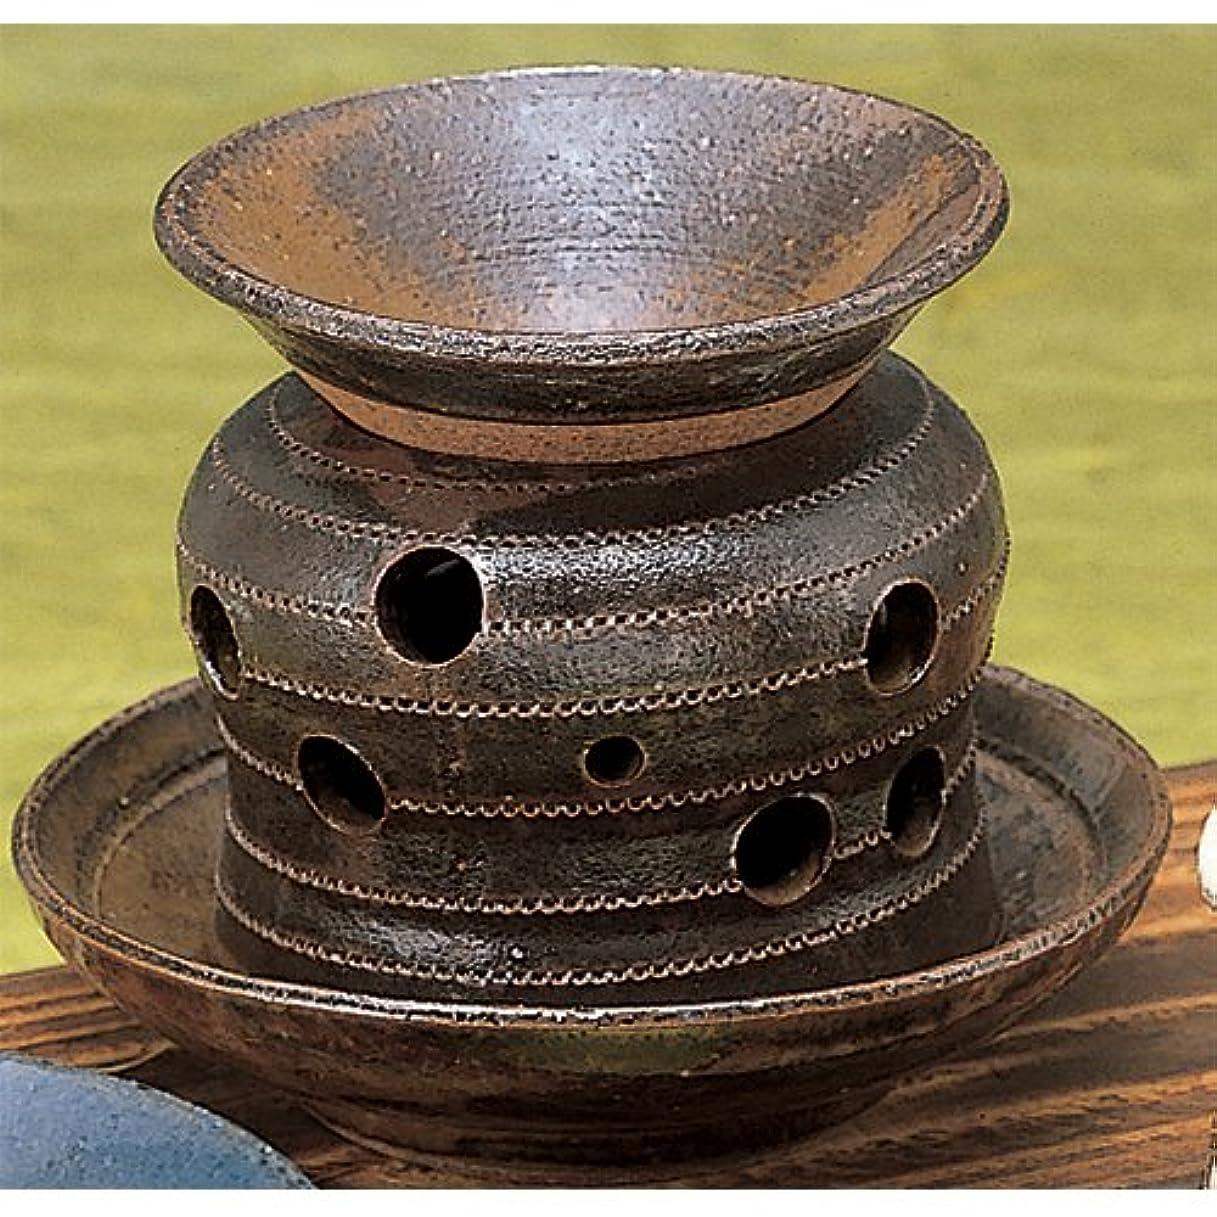 振幅アプト病気香炉 灰流し 茶香炉 [R13xH10.5cm] プレゼント ギフト 和食器 かわいい インテリア